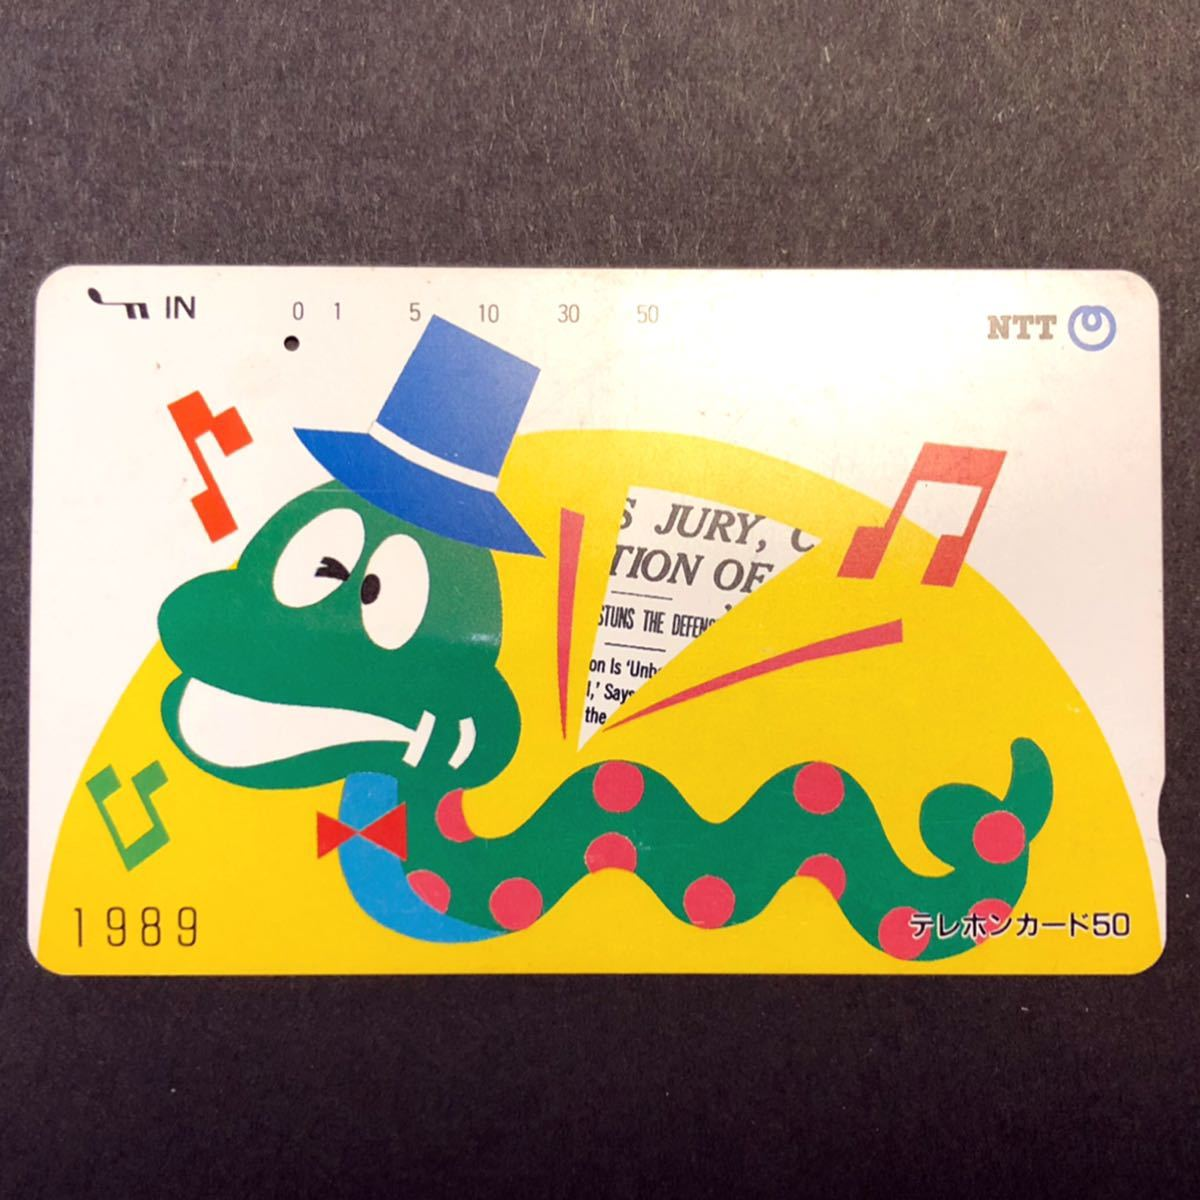 【使用済み・度数0・テレホンカード】 イラスト・動物 『1989年 巳年 蛇』 1988年 テレカ 同梱可_画像1